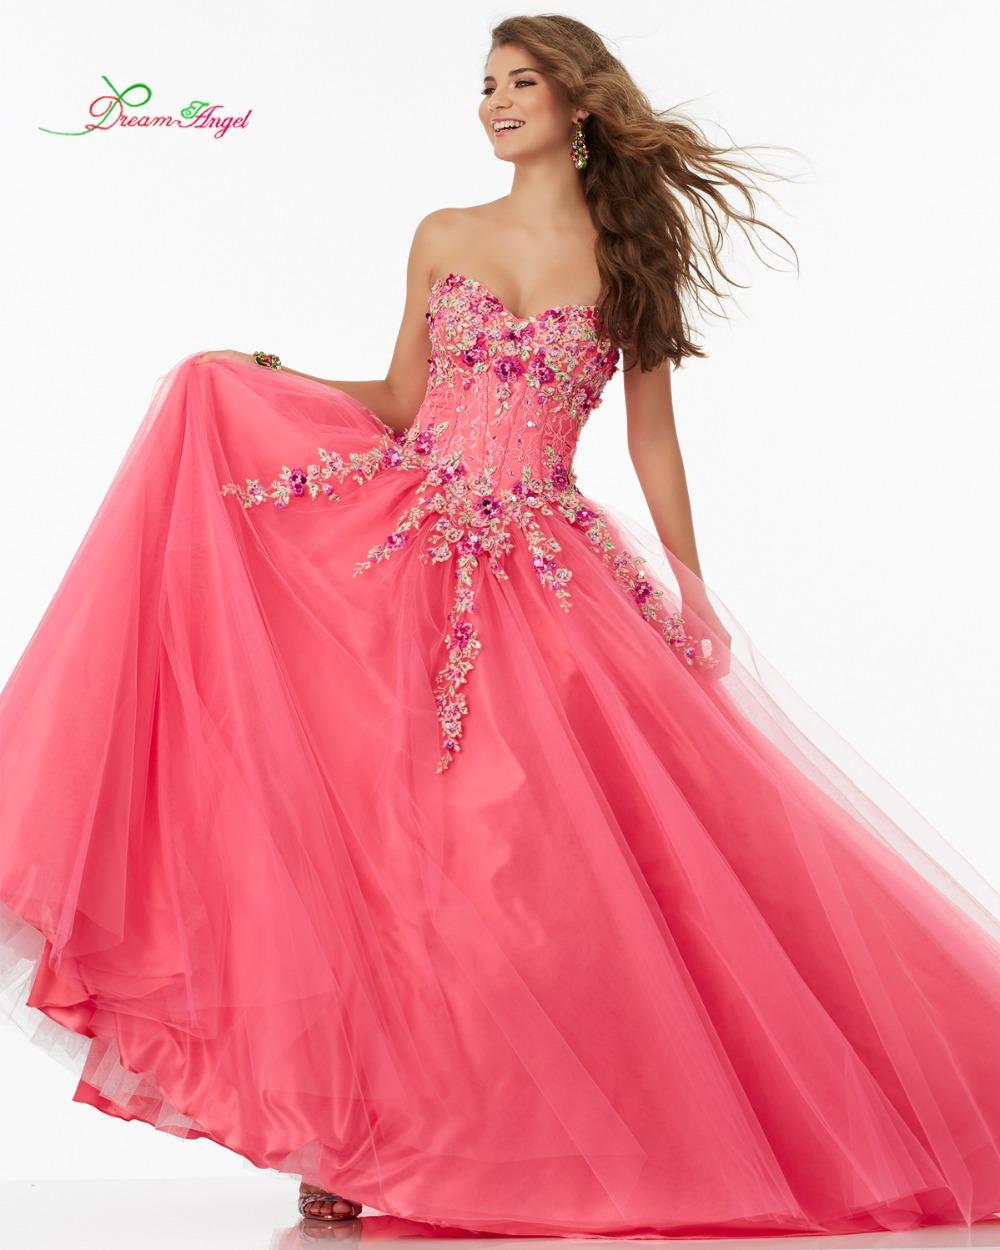 vestido de festa sonhar